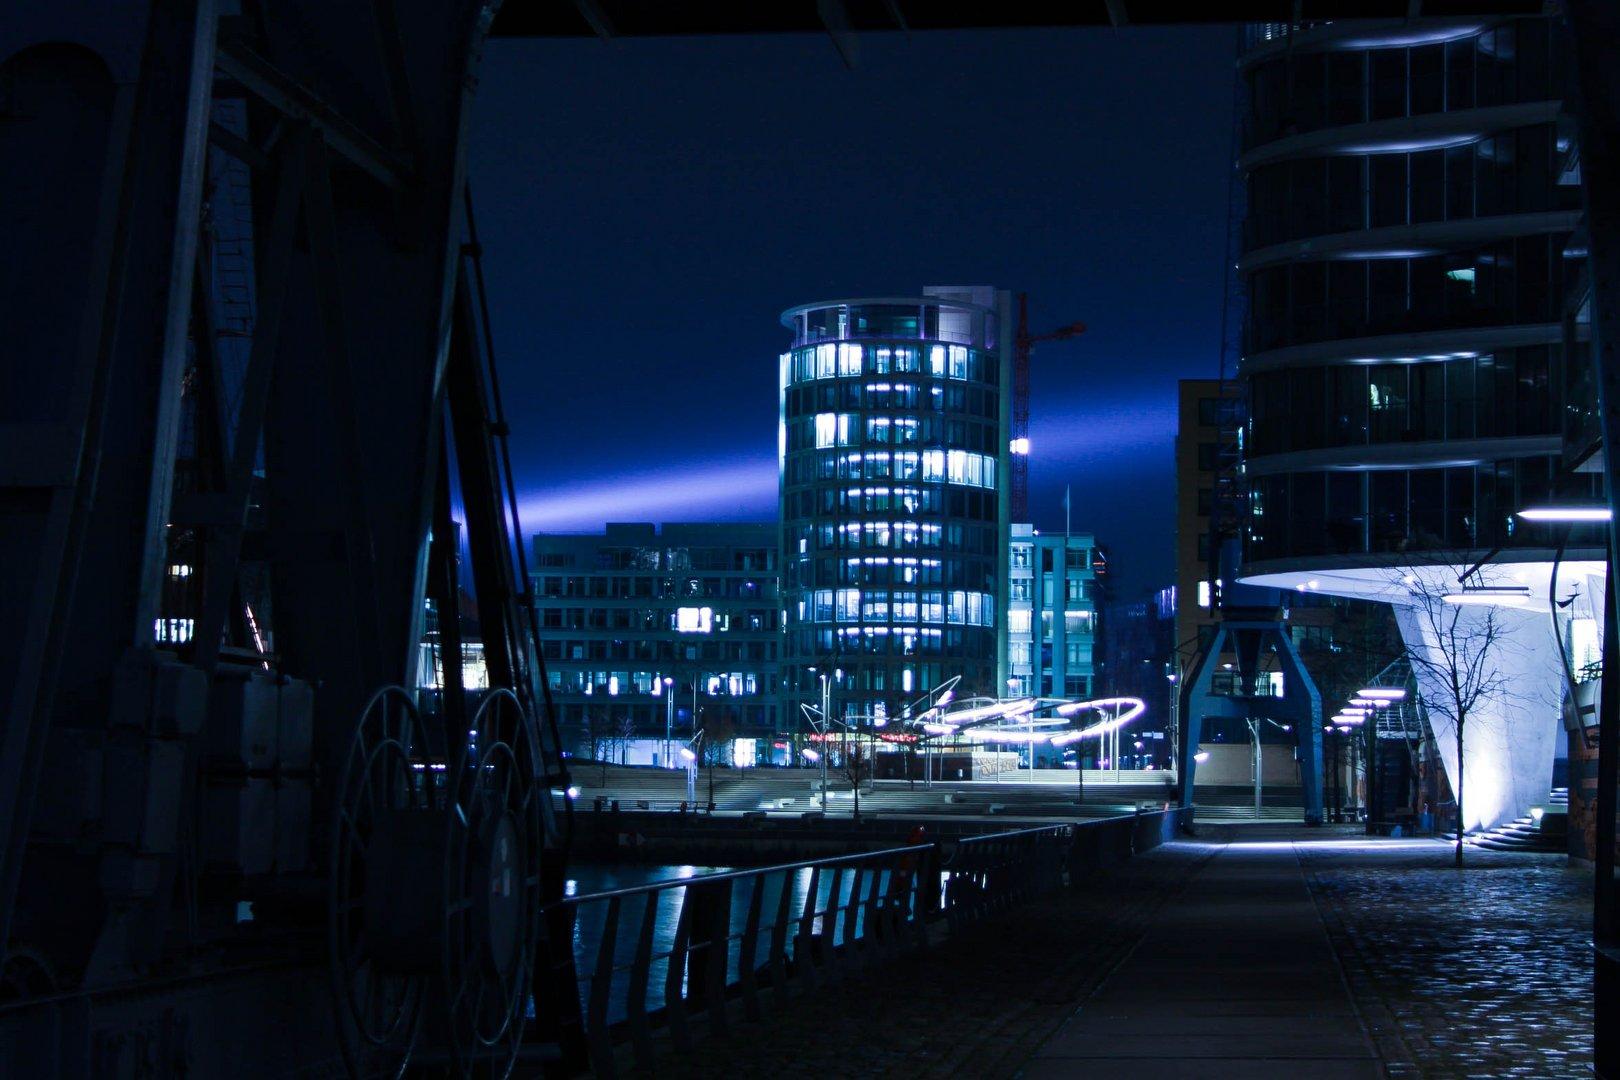 Licht in der Hamburger Hafencity- Blue blue